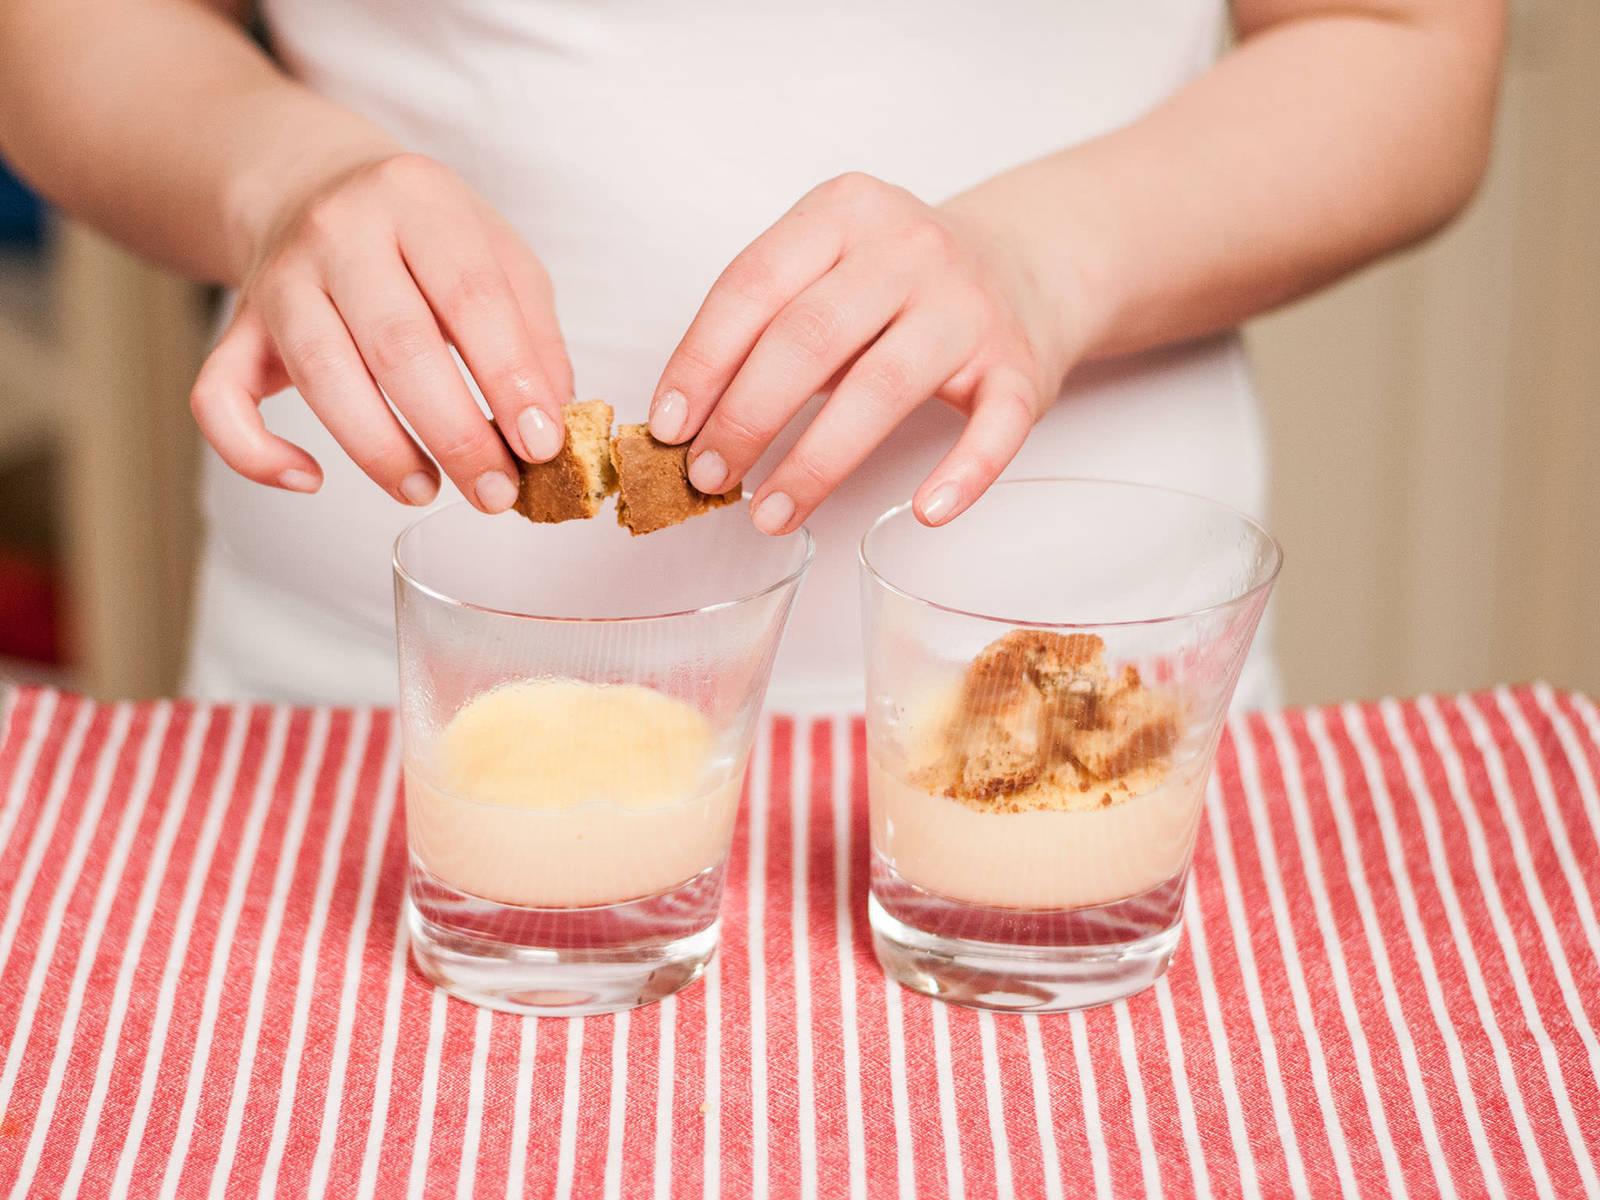 将蛋黄糊倒入杯中,静置冷却5-10分钟。压碎意大利咖啡饼干,洒在上面。